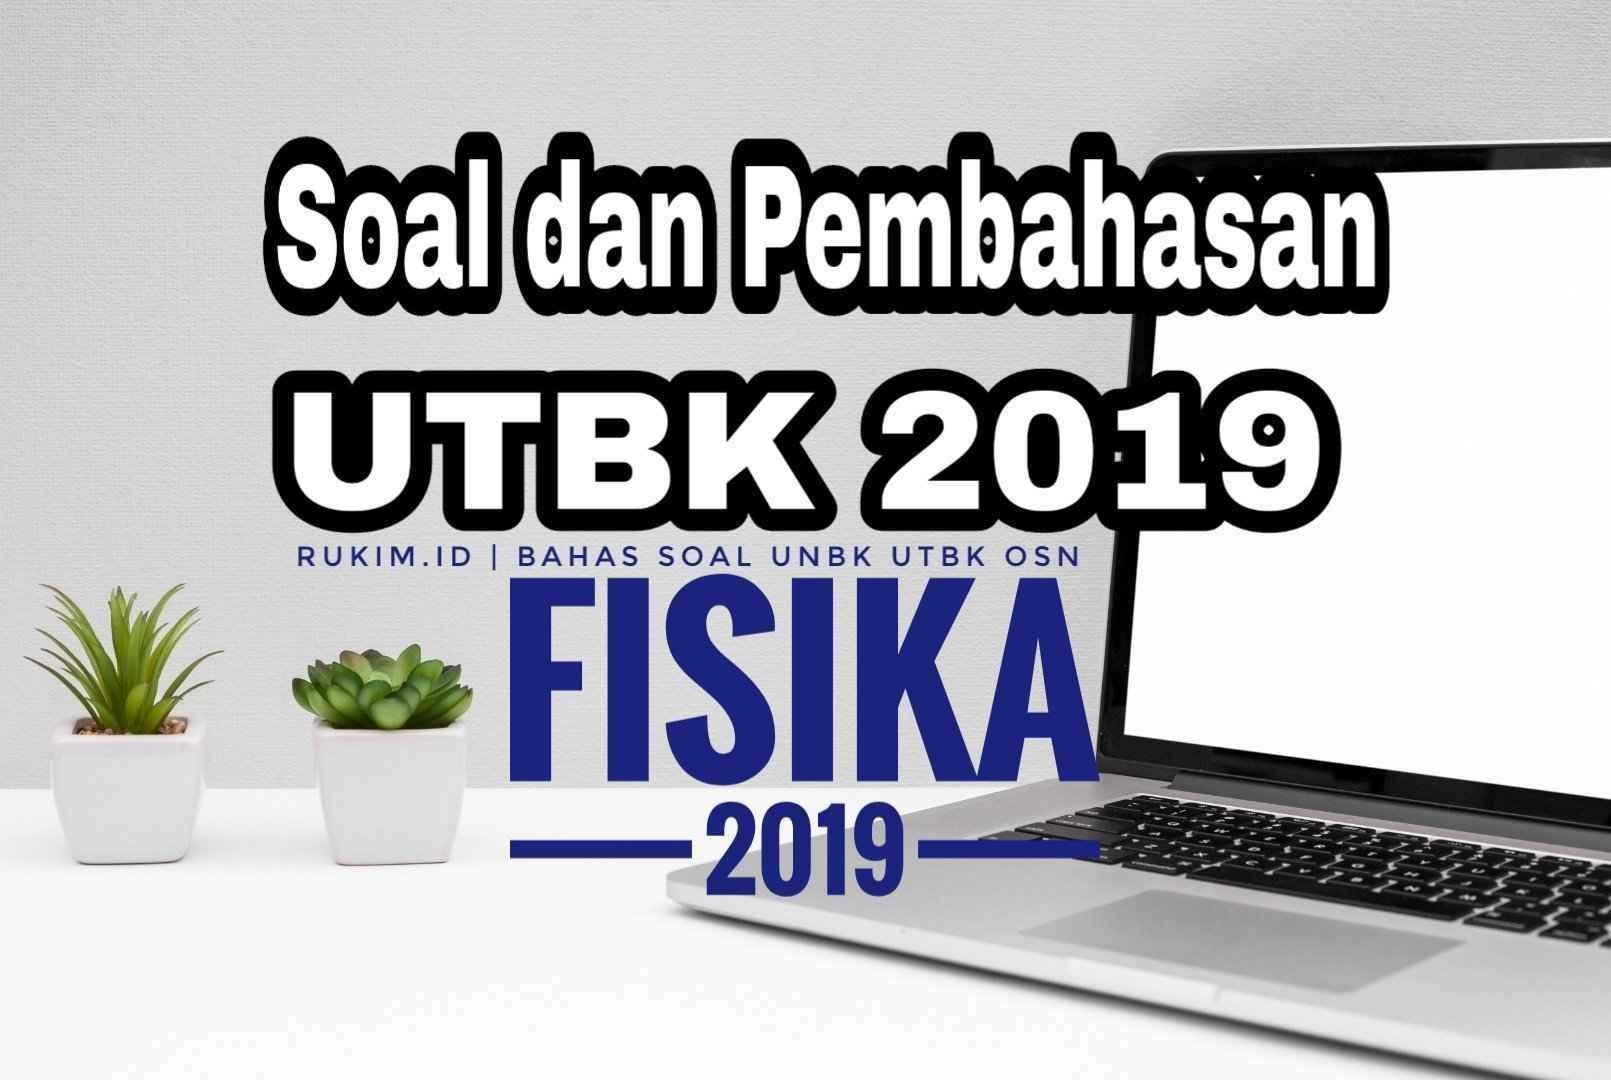 Download Pembahasan Soal UTBK Fisika 2019